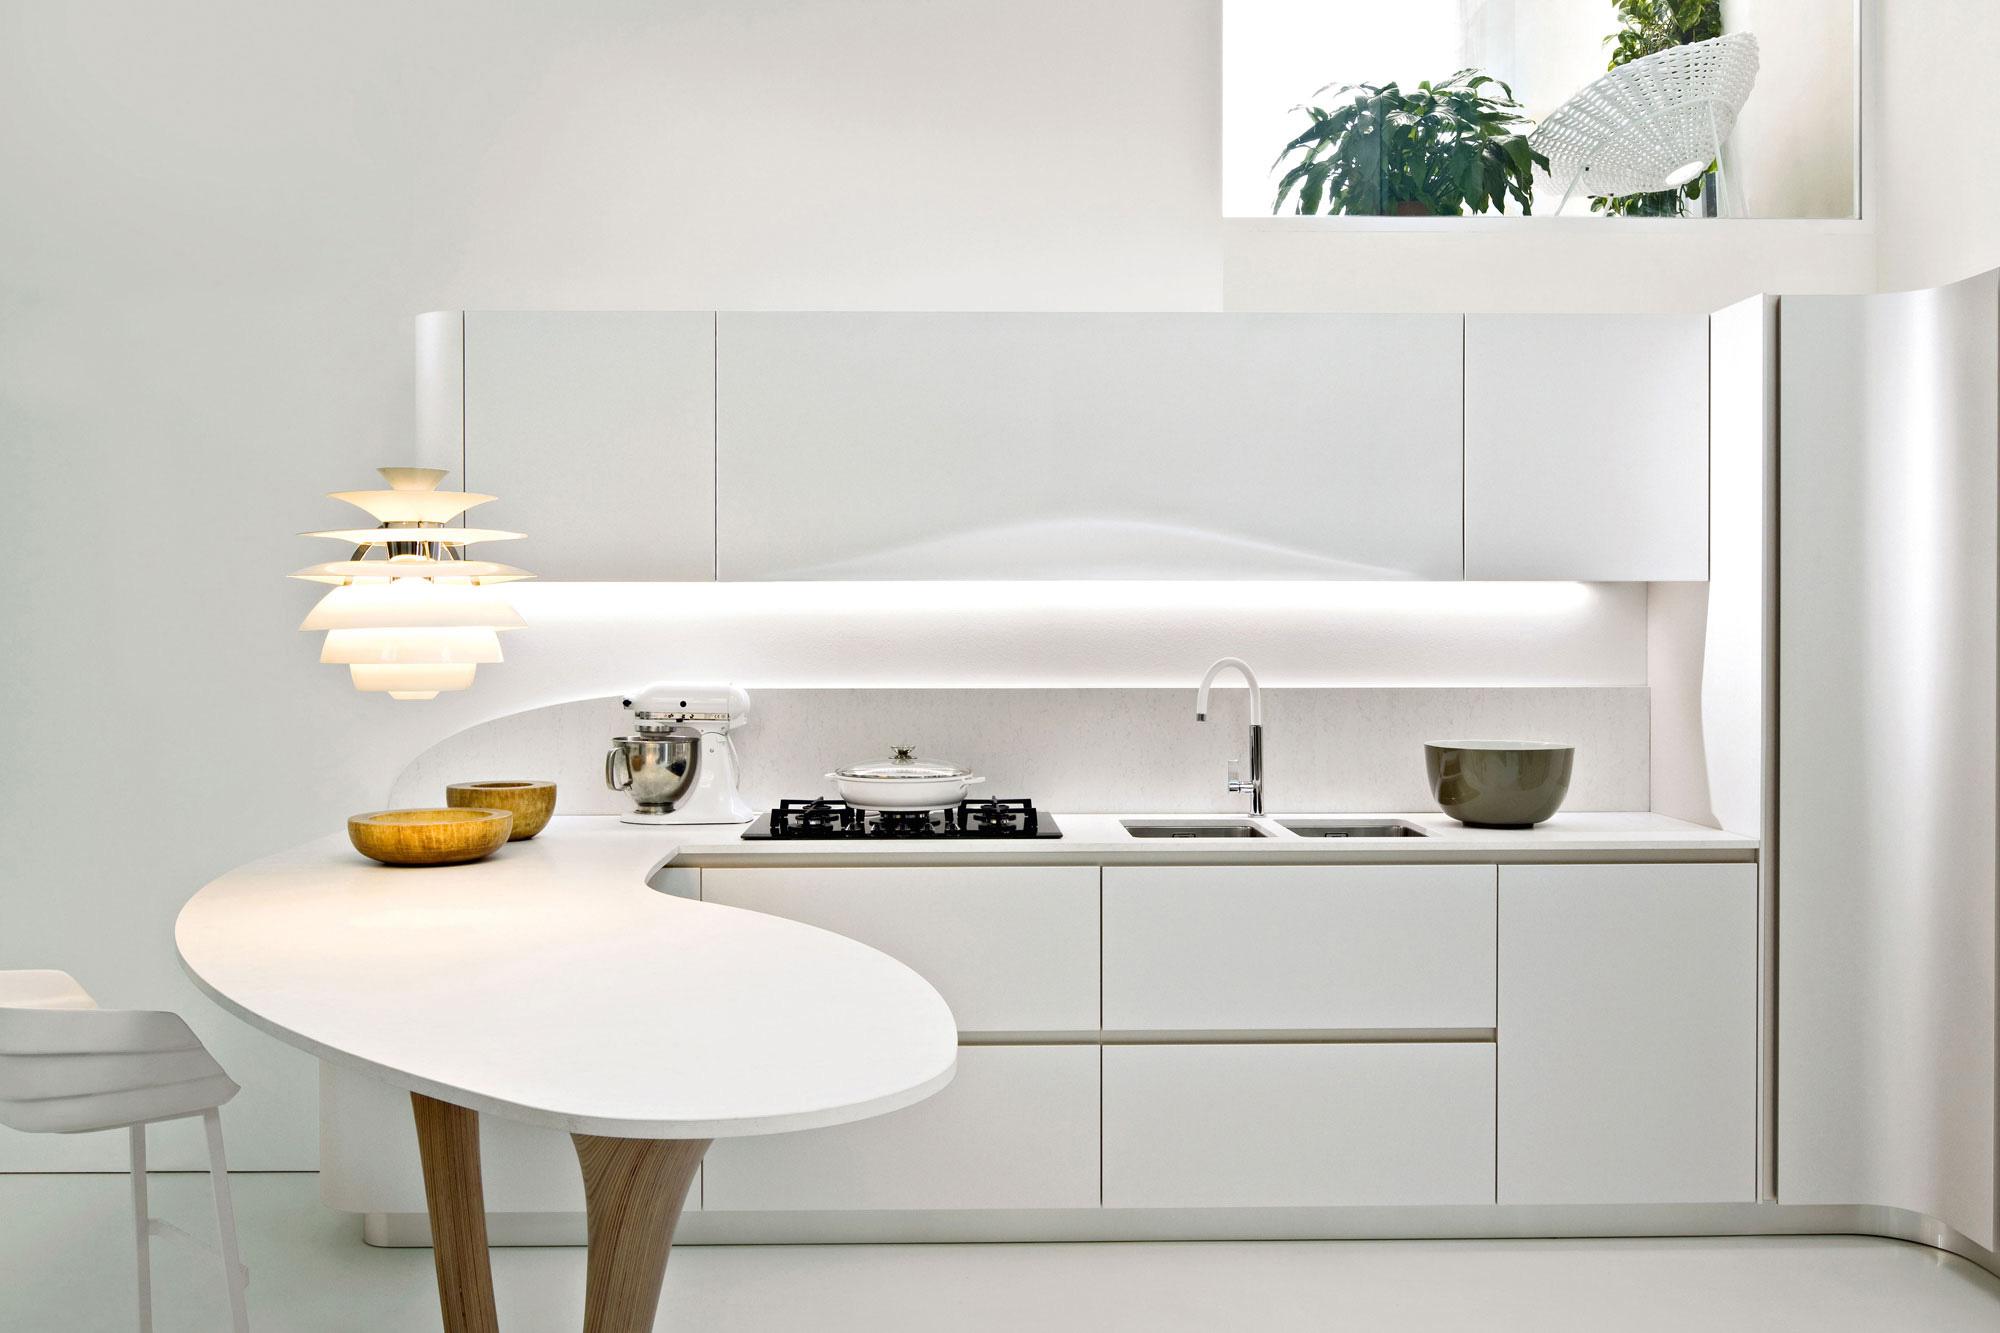 cucine-con-penisola-ola-20-snaidero-dettaglio-4